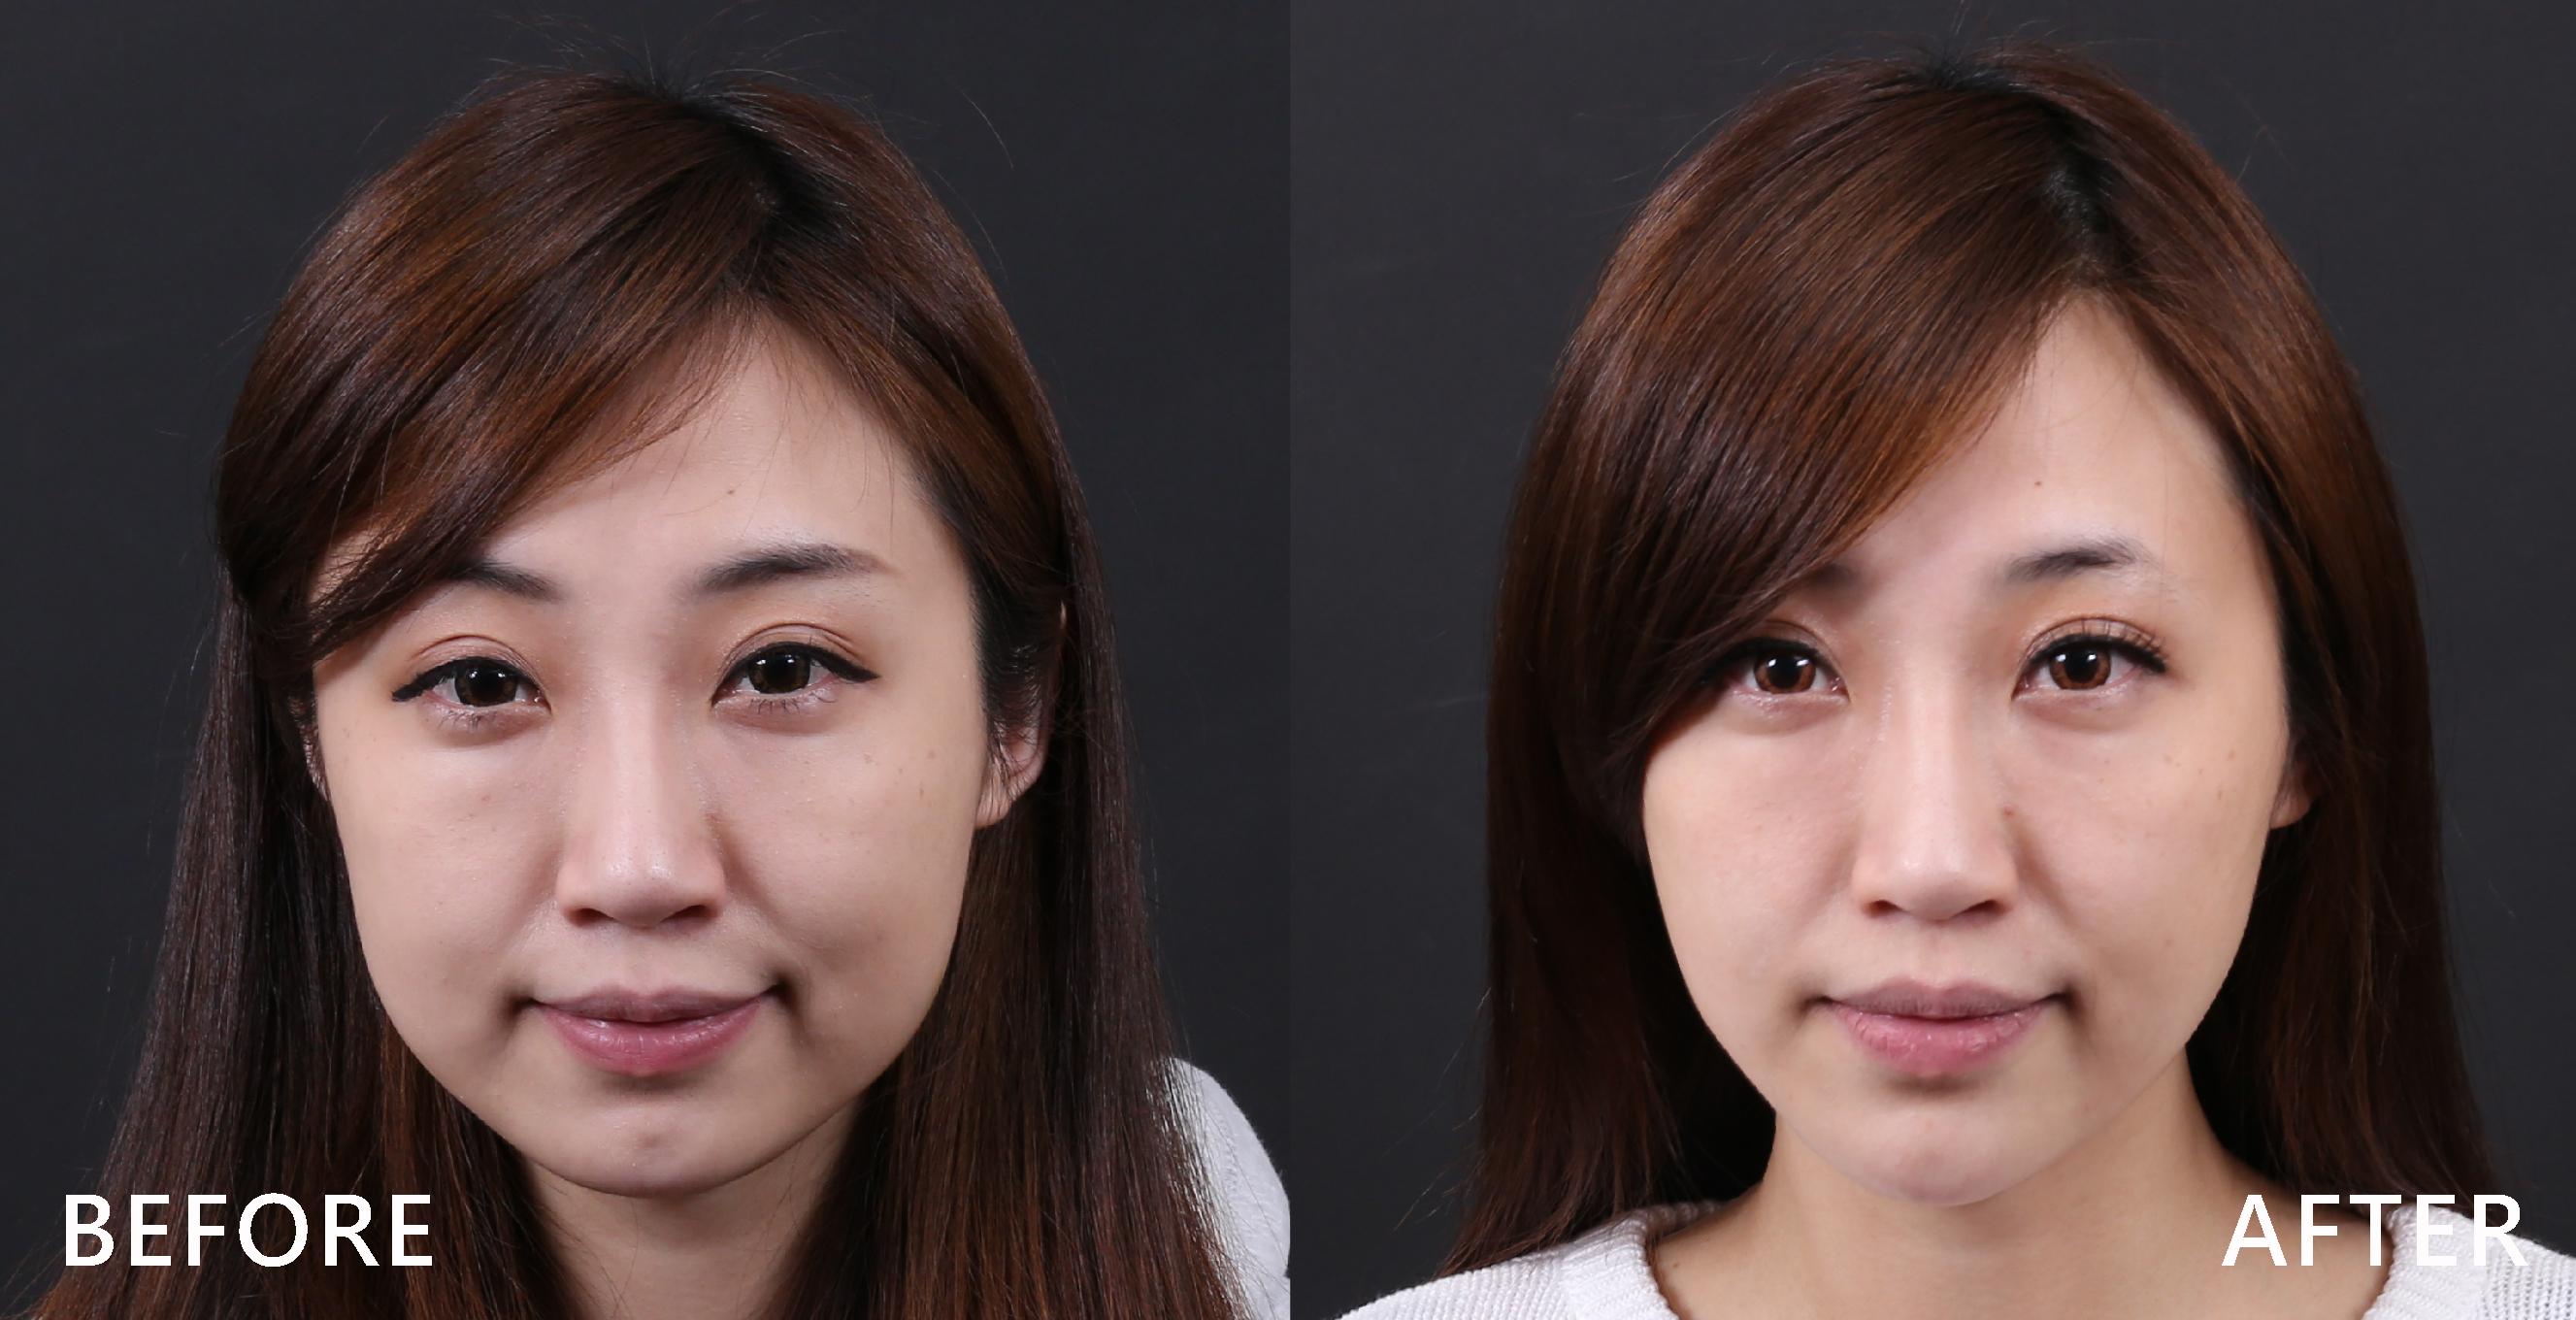 肉毒桿菌素讓下巴變尖,修飾臉型。(本療程施打效果因人而異)